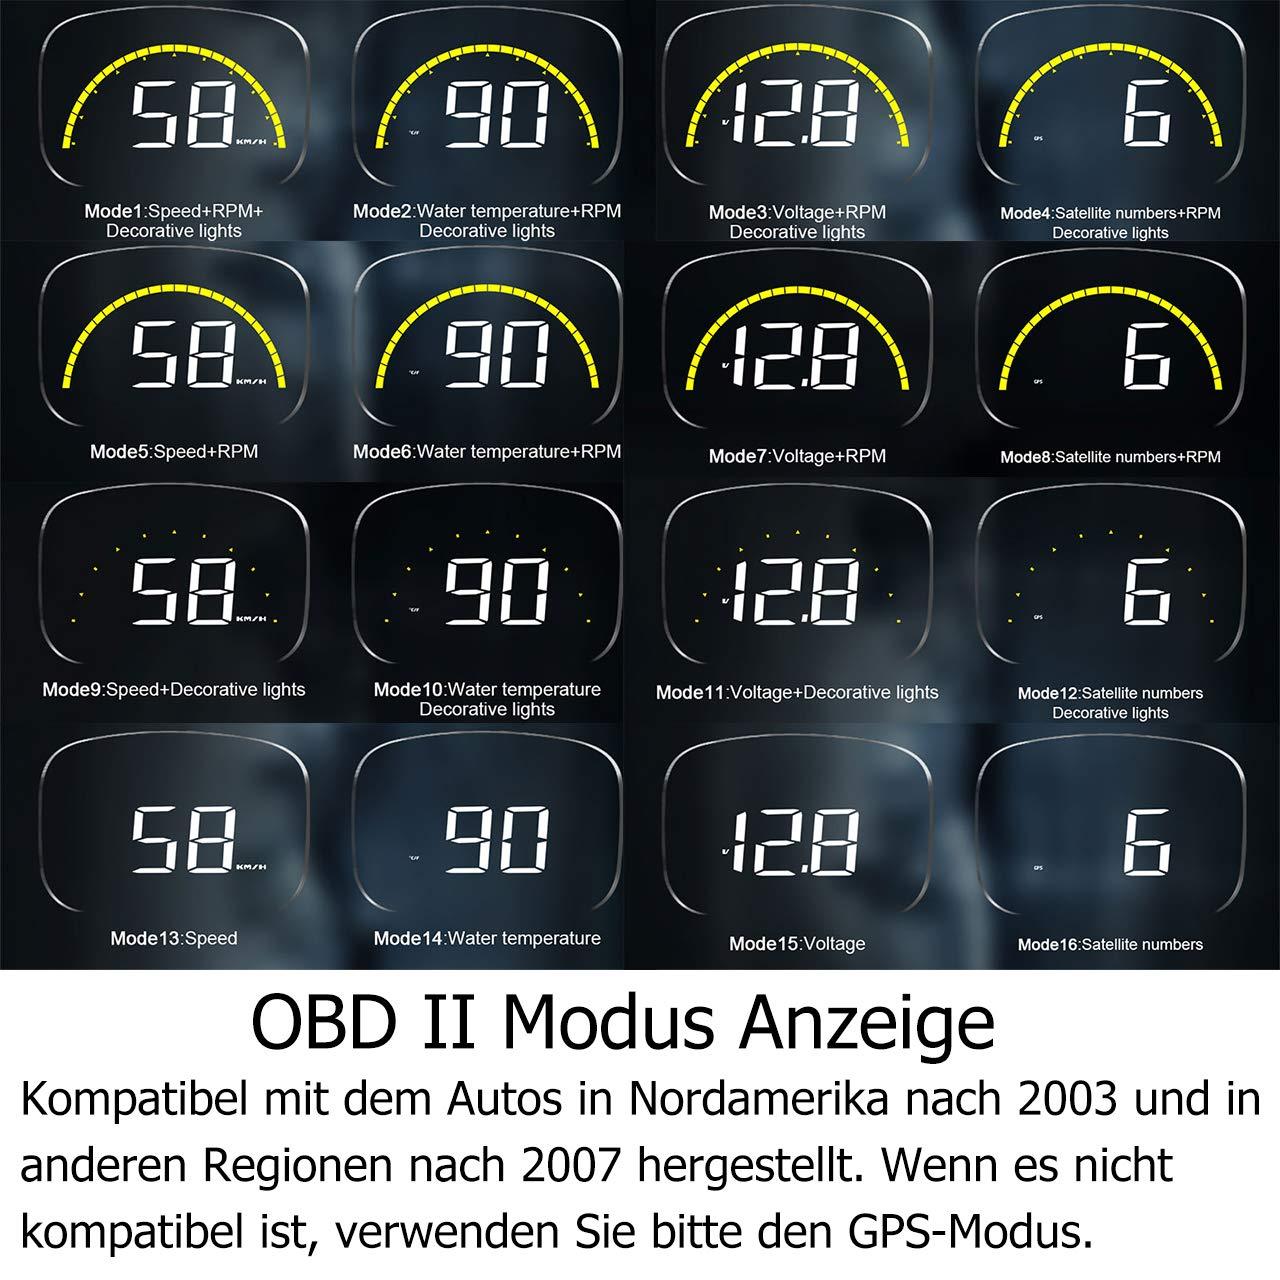 ACBungji HUD Auto KFZ 3.5 Zoll Head Up Display Einfach Und Klar Tacho Geschwindigkeitsmesser KM//h MPH /Überdrehzahl Alarm Voltmeter Integriertes GPS Modul Kompass Mit DC 12V Fahrzeugen Kompatibel.